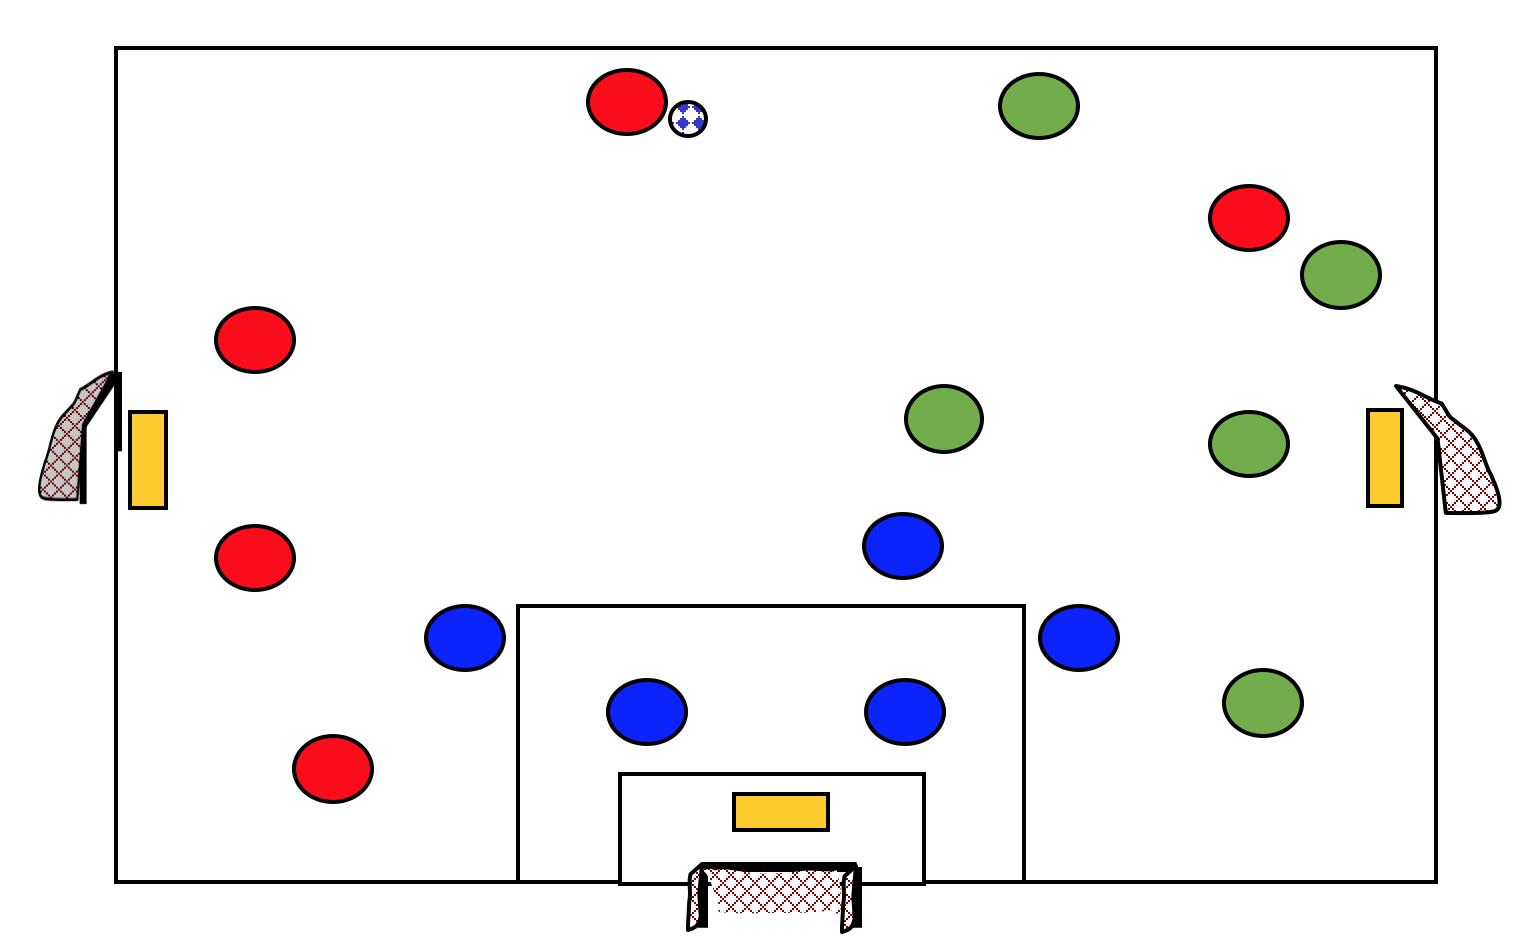 Ejercicio entrenamiento fútbol: 3 Porterías - 3 Equipos. Libro o Ebook. Métodos de Entrenamiento aplicados al Fútbol. Metodología del Fútbol. Toni Matas Barceló